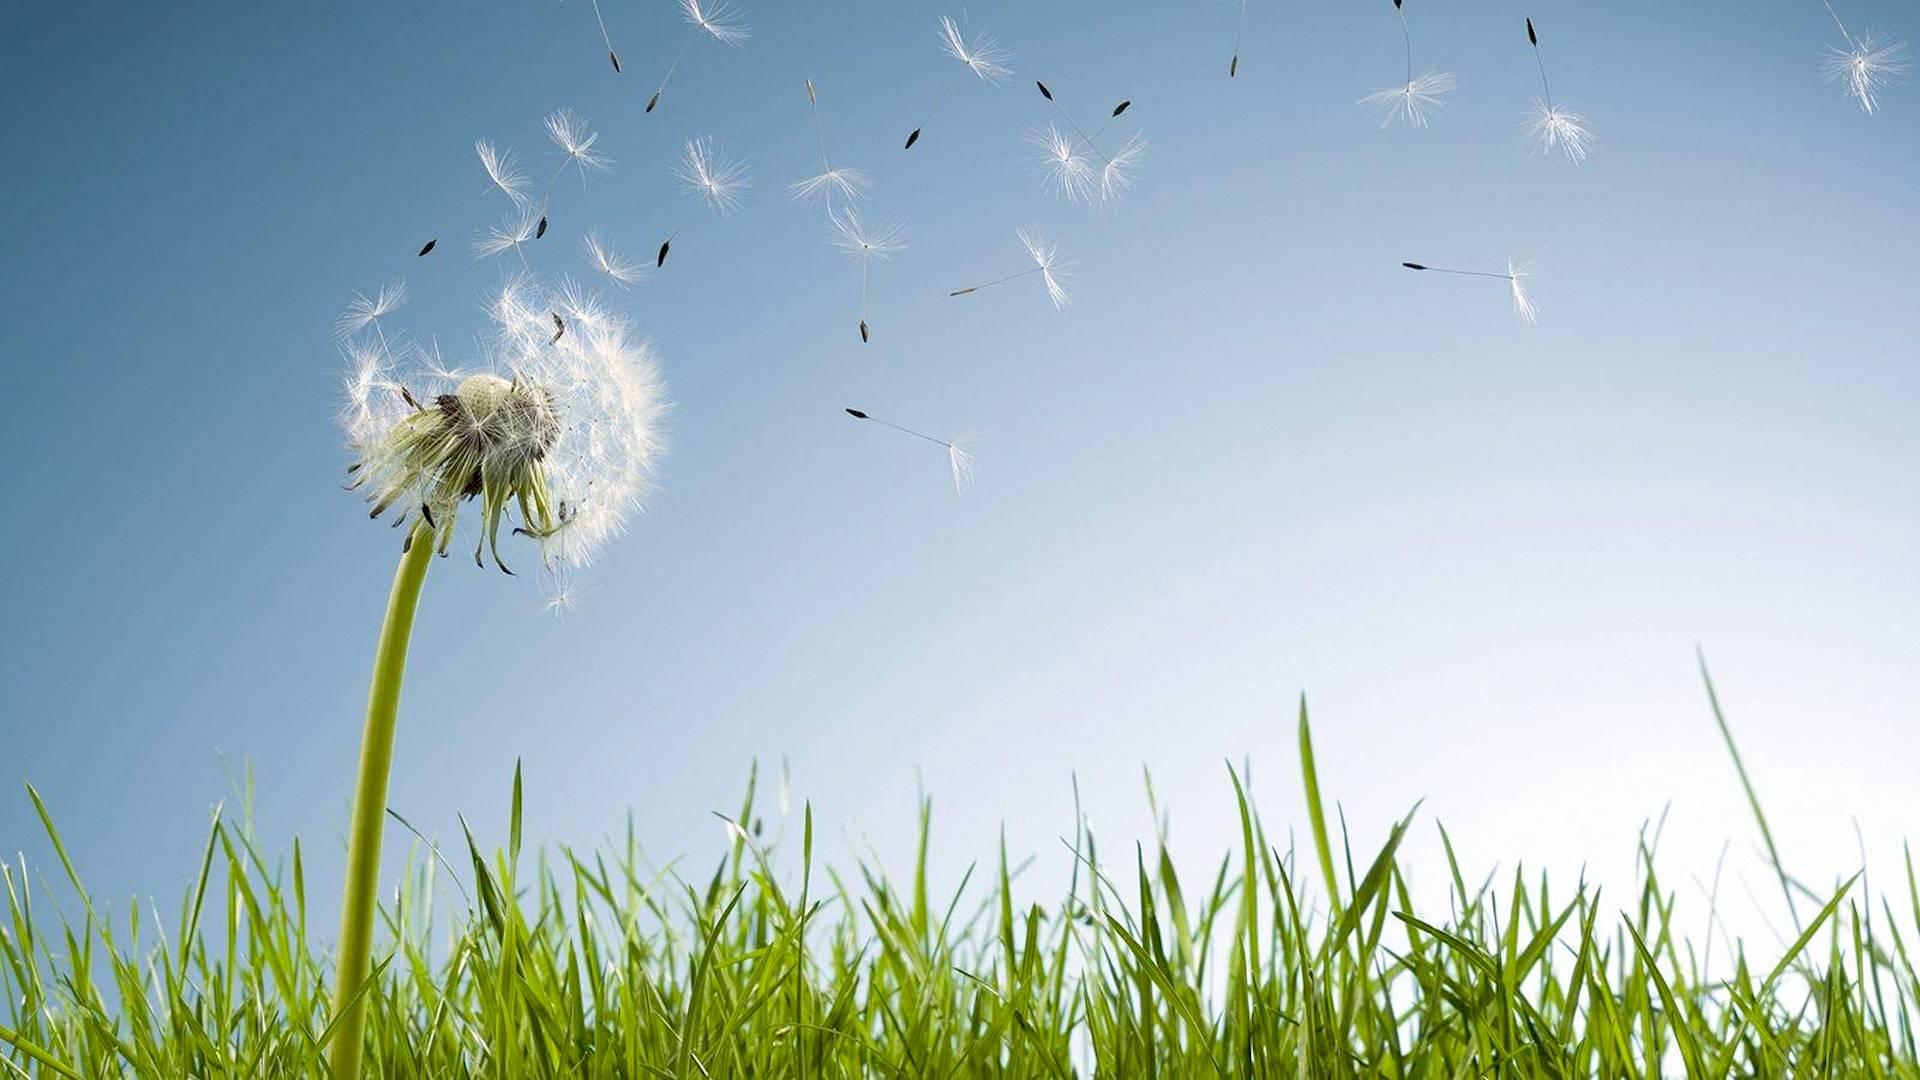 Graines de pissenlit transportées par le vent